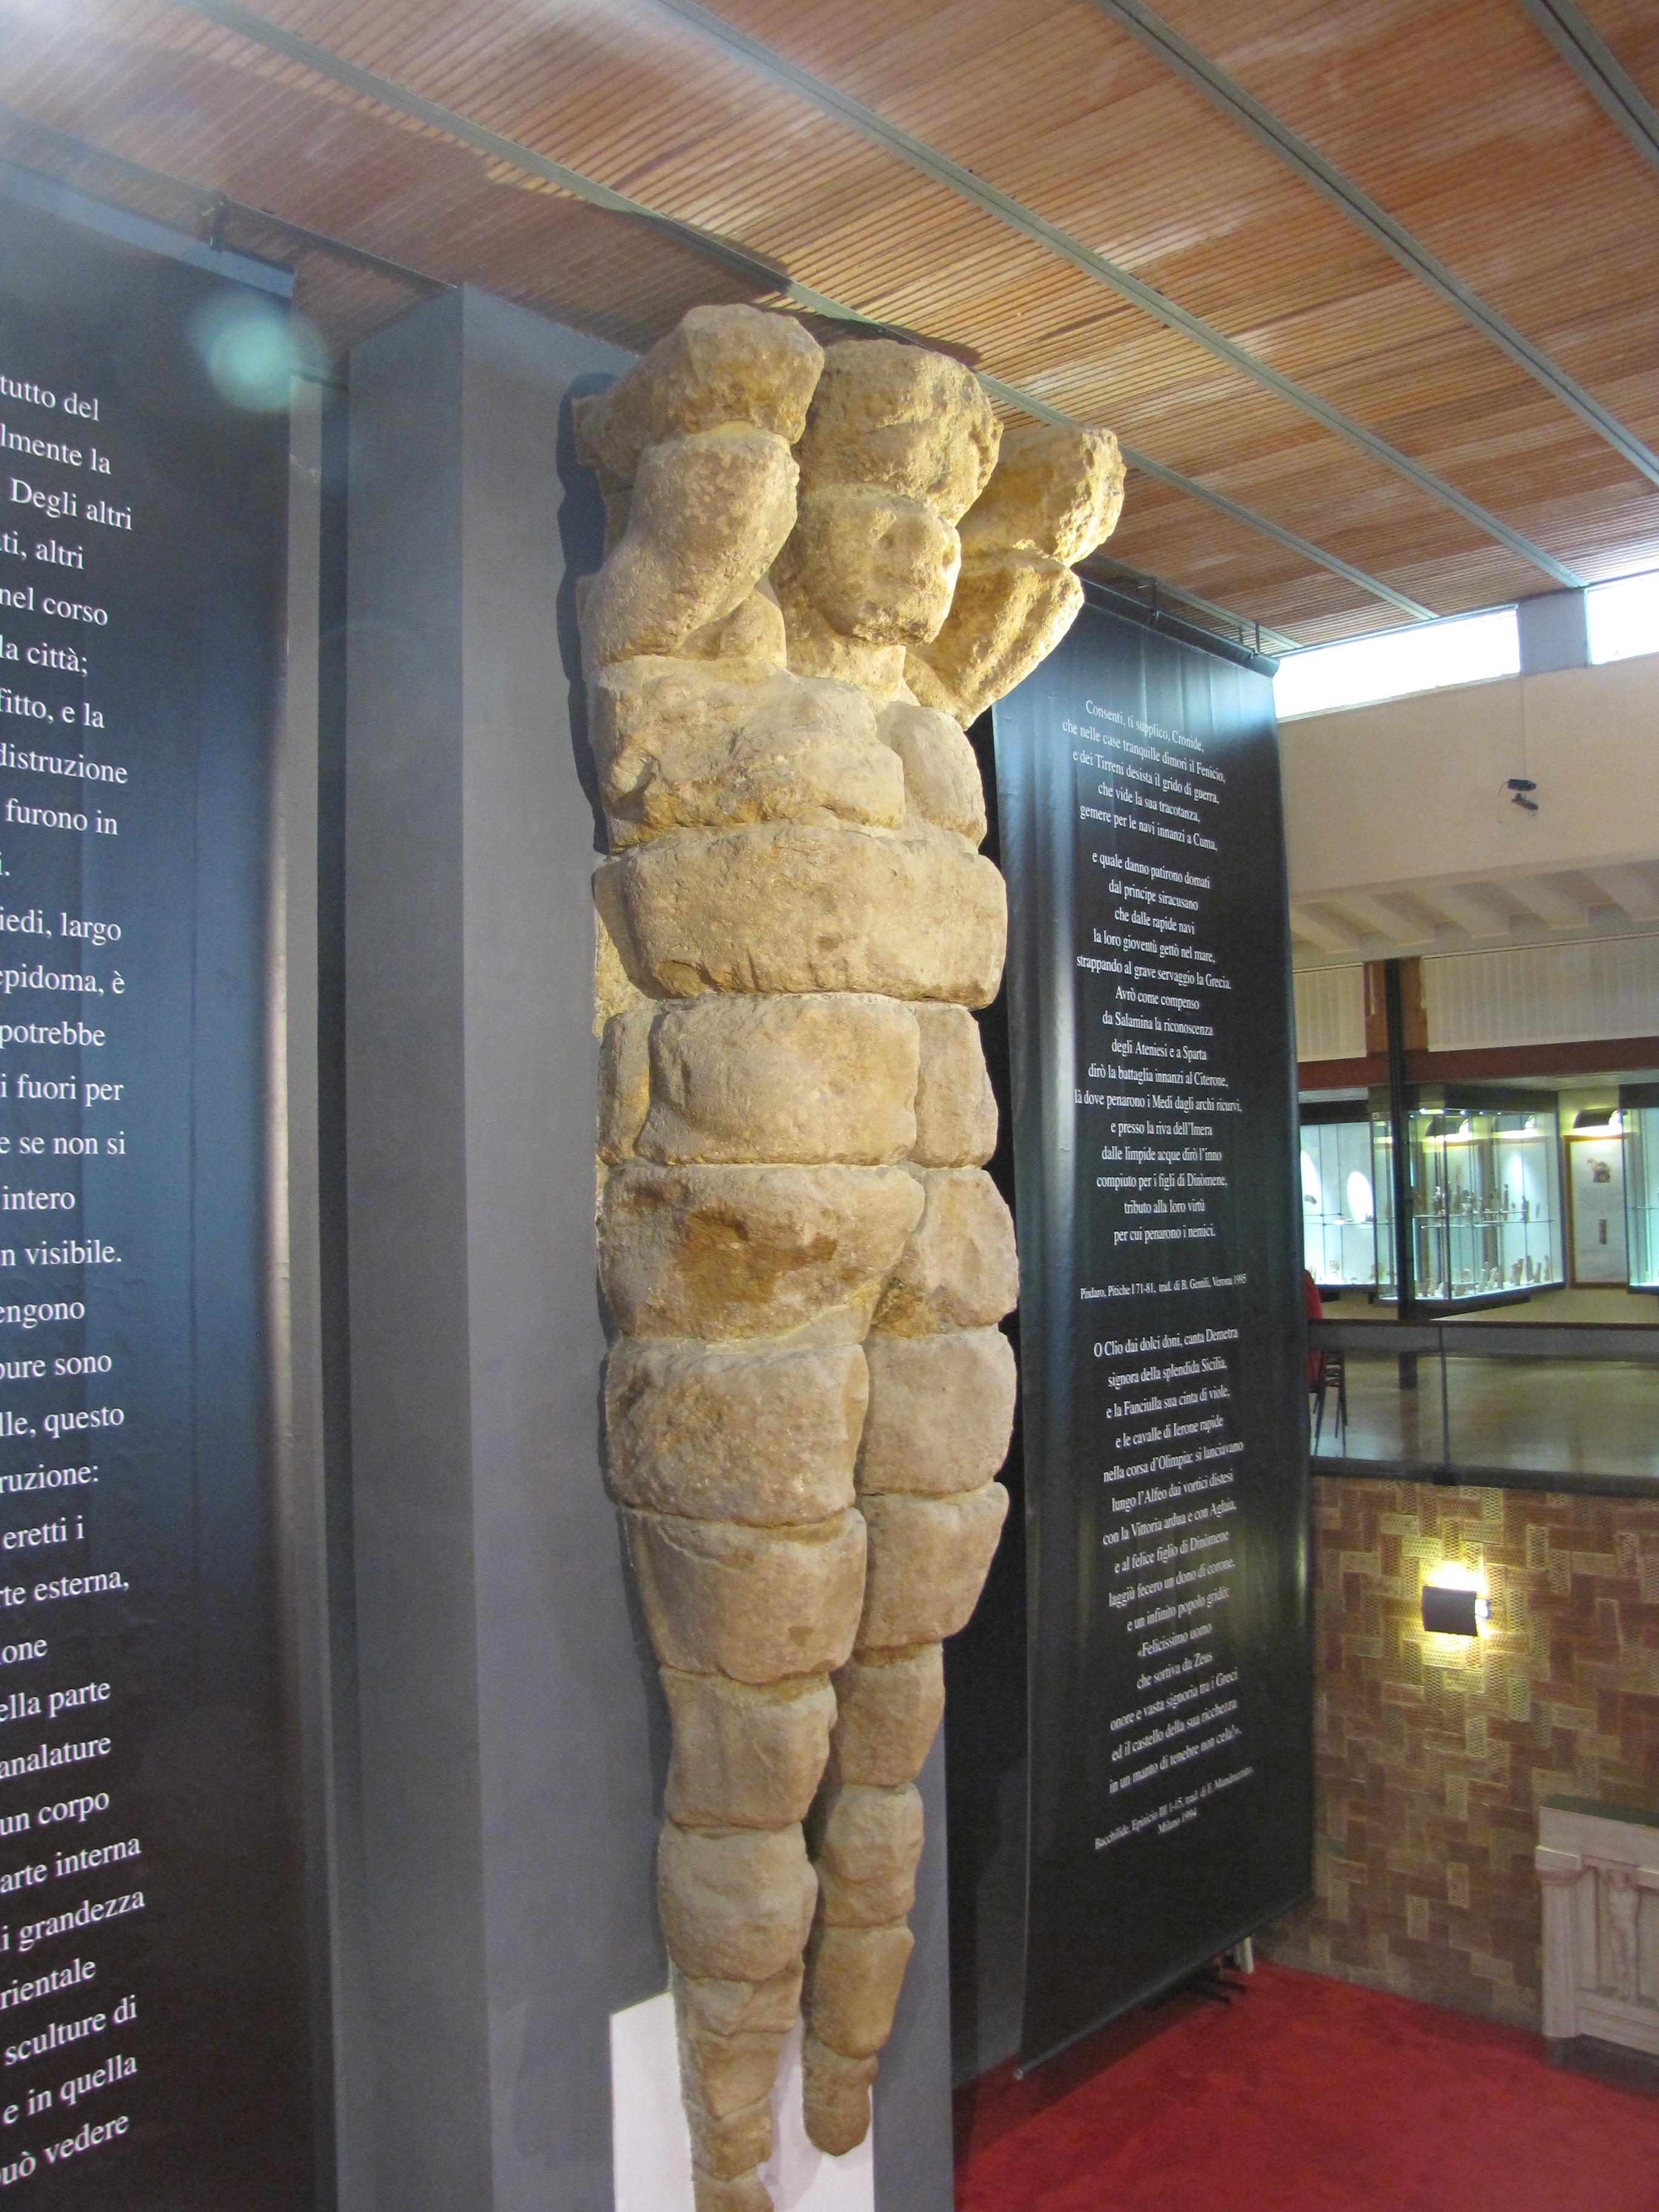 file:il gigante-museo arch.di agrigento (11) - wikimedia commons